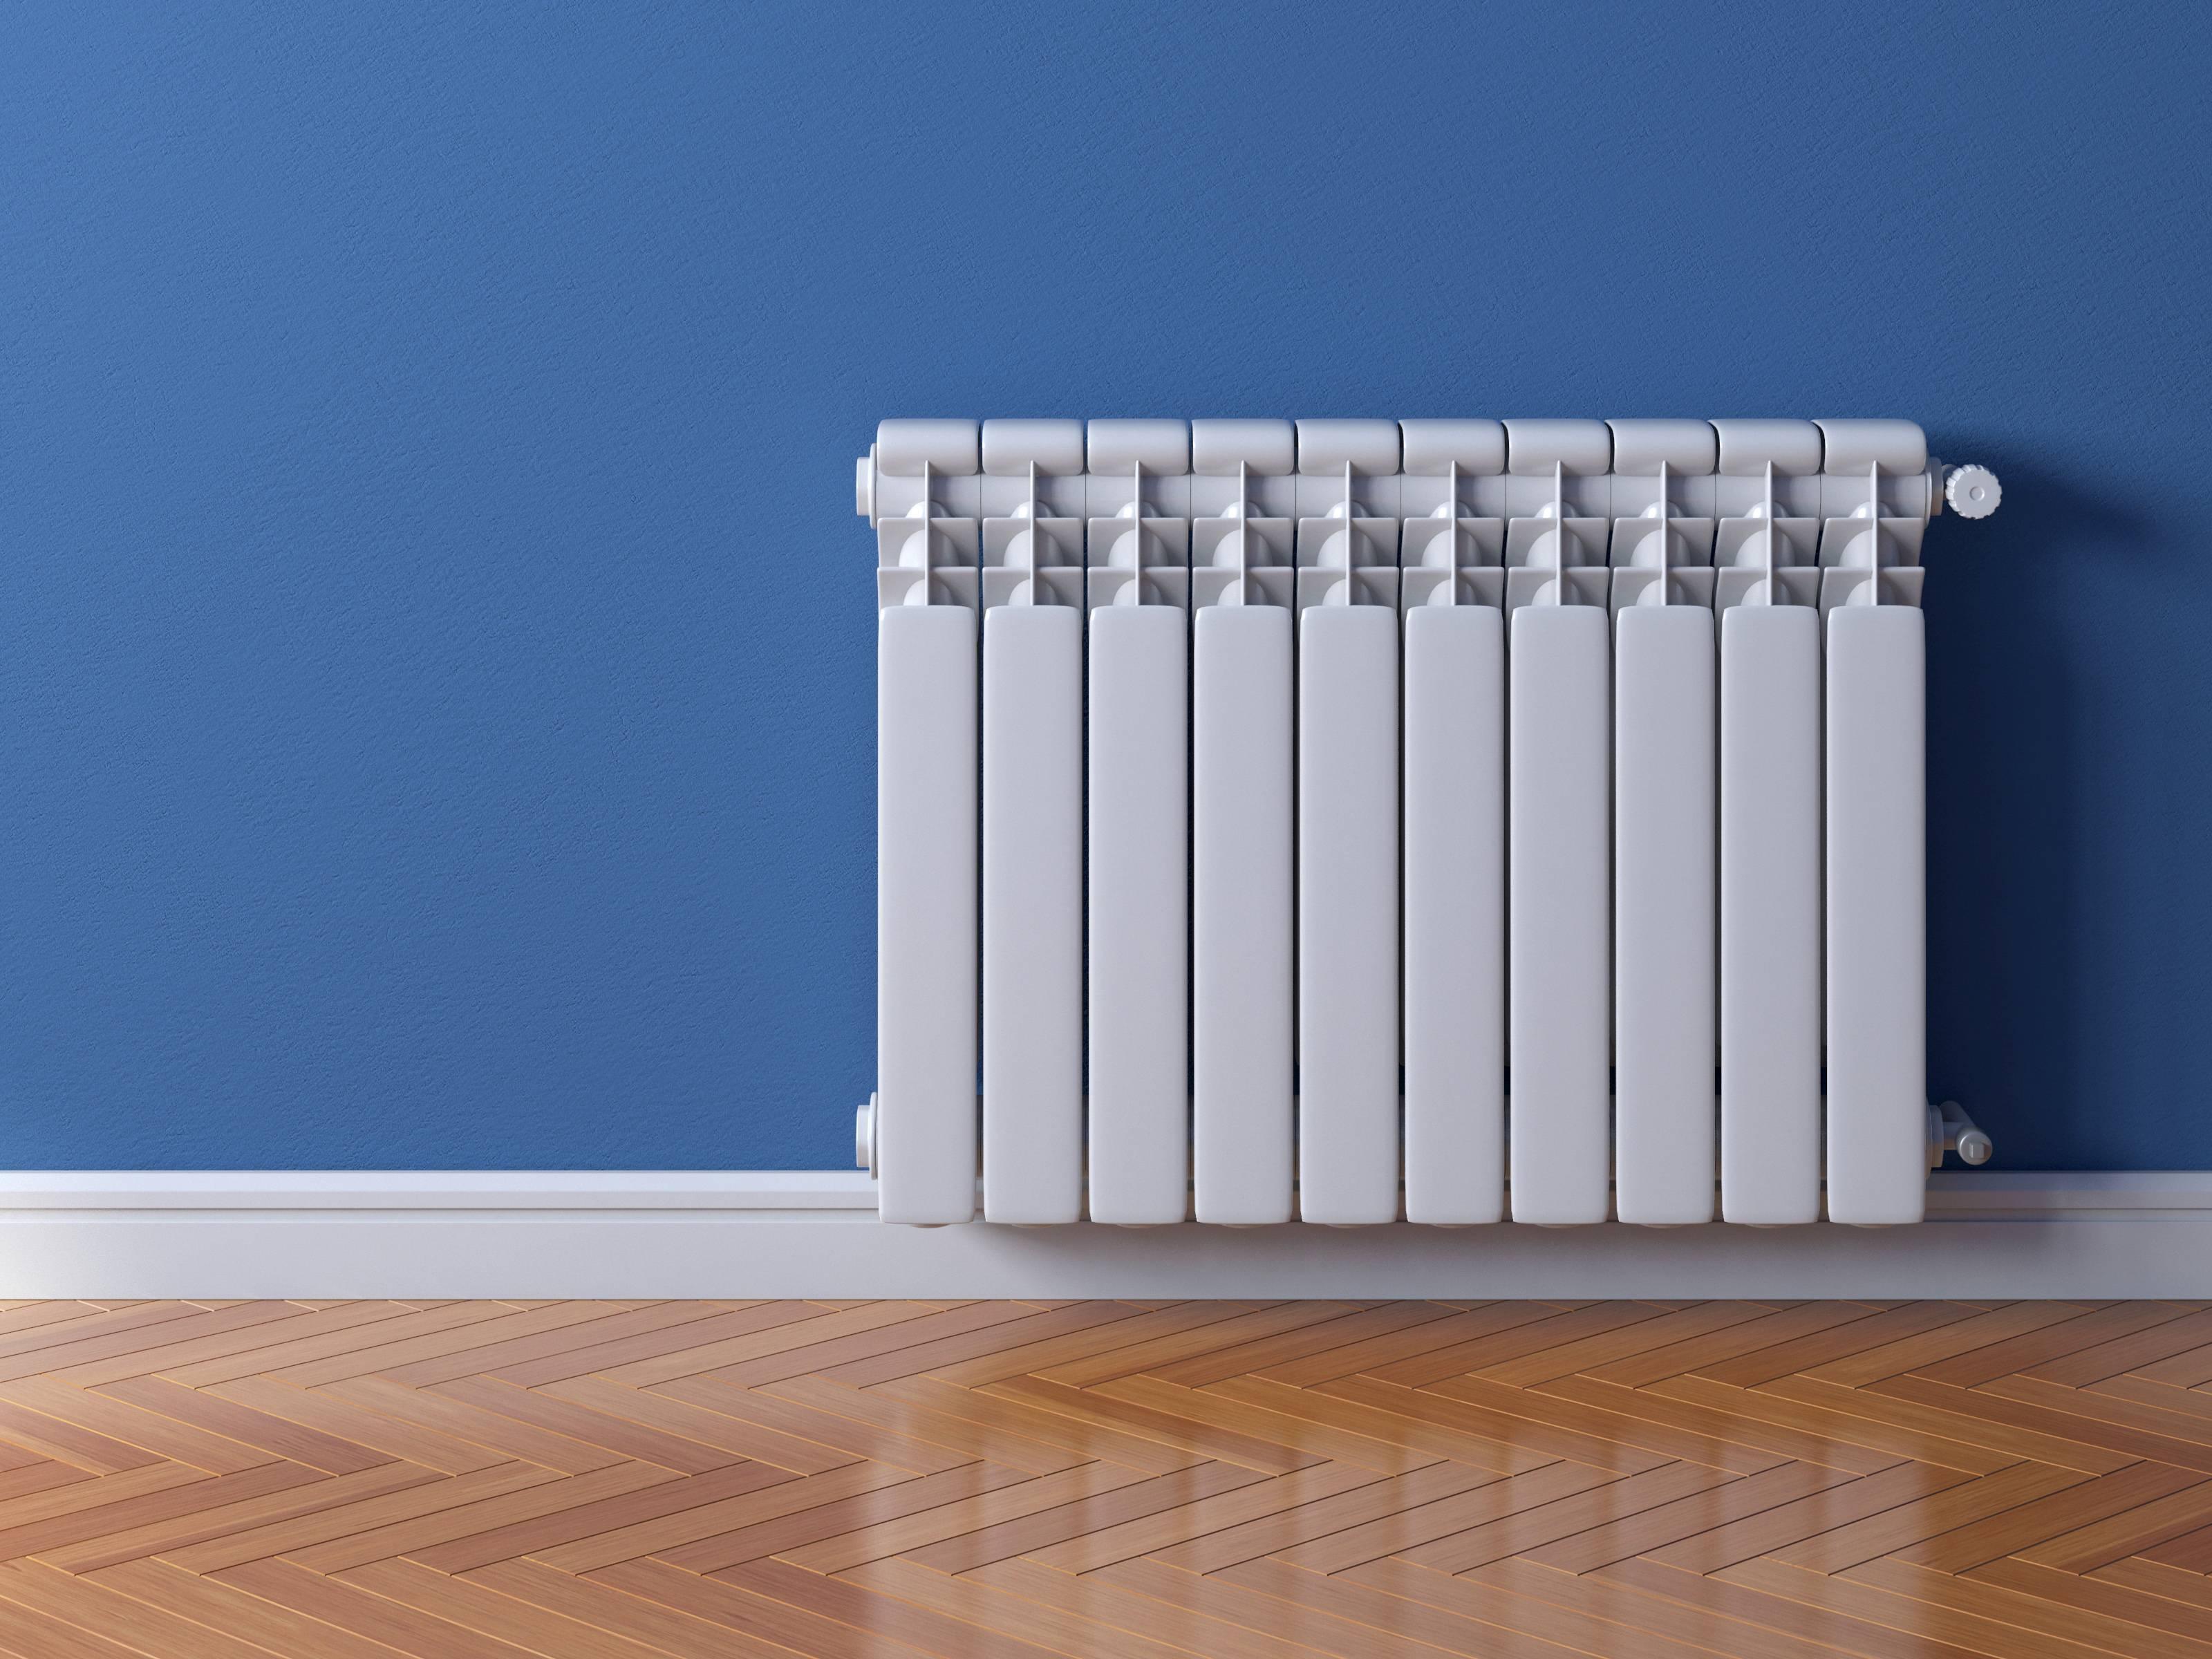 Какие батареи лучше ставить в квартире - 5 правил выбора батарей!